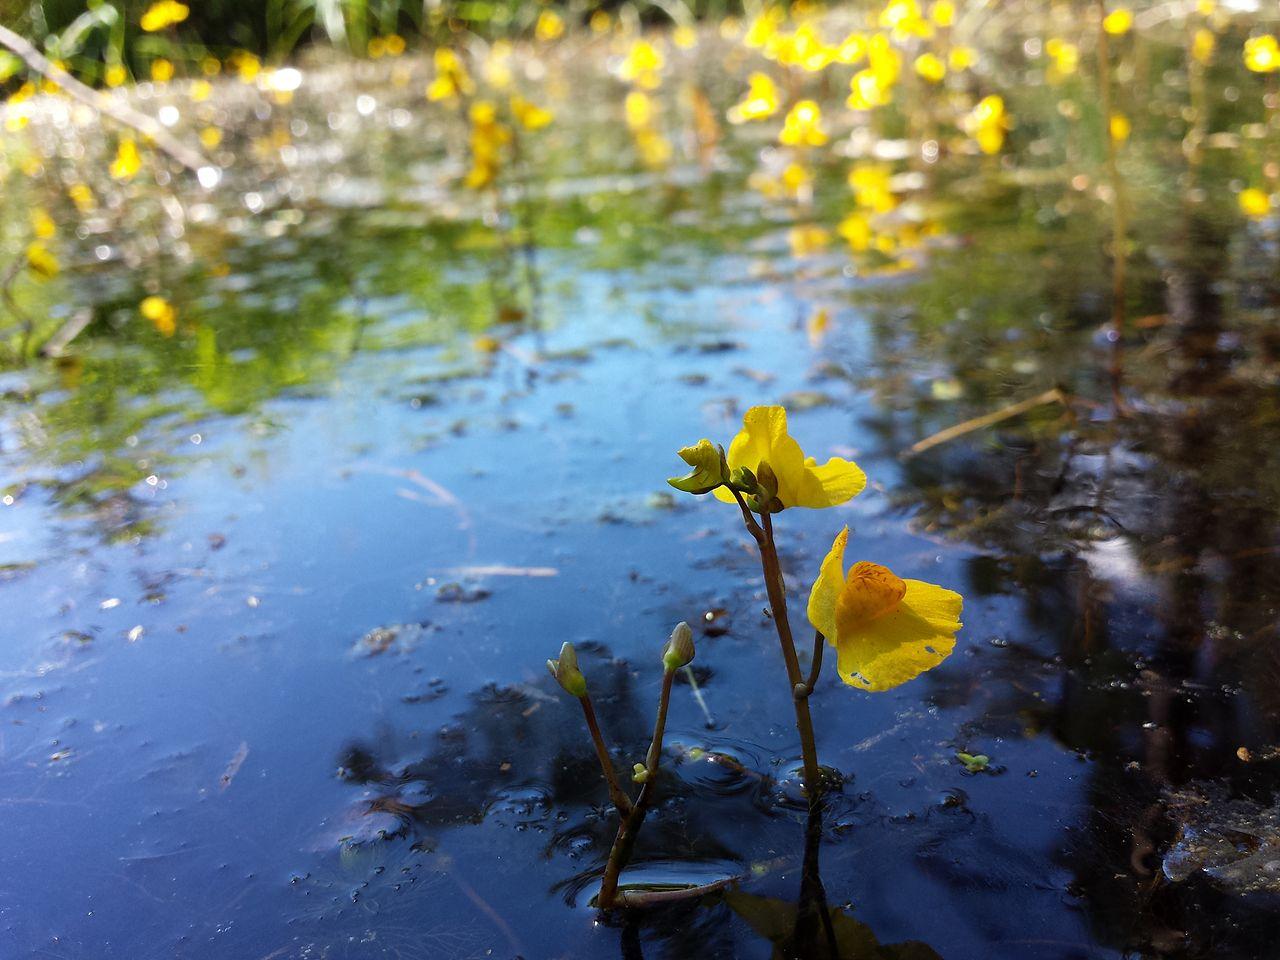 La Utricularia australis es una planta acuática